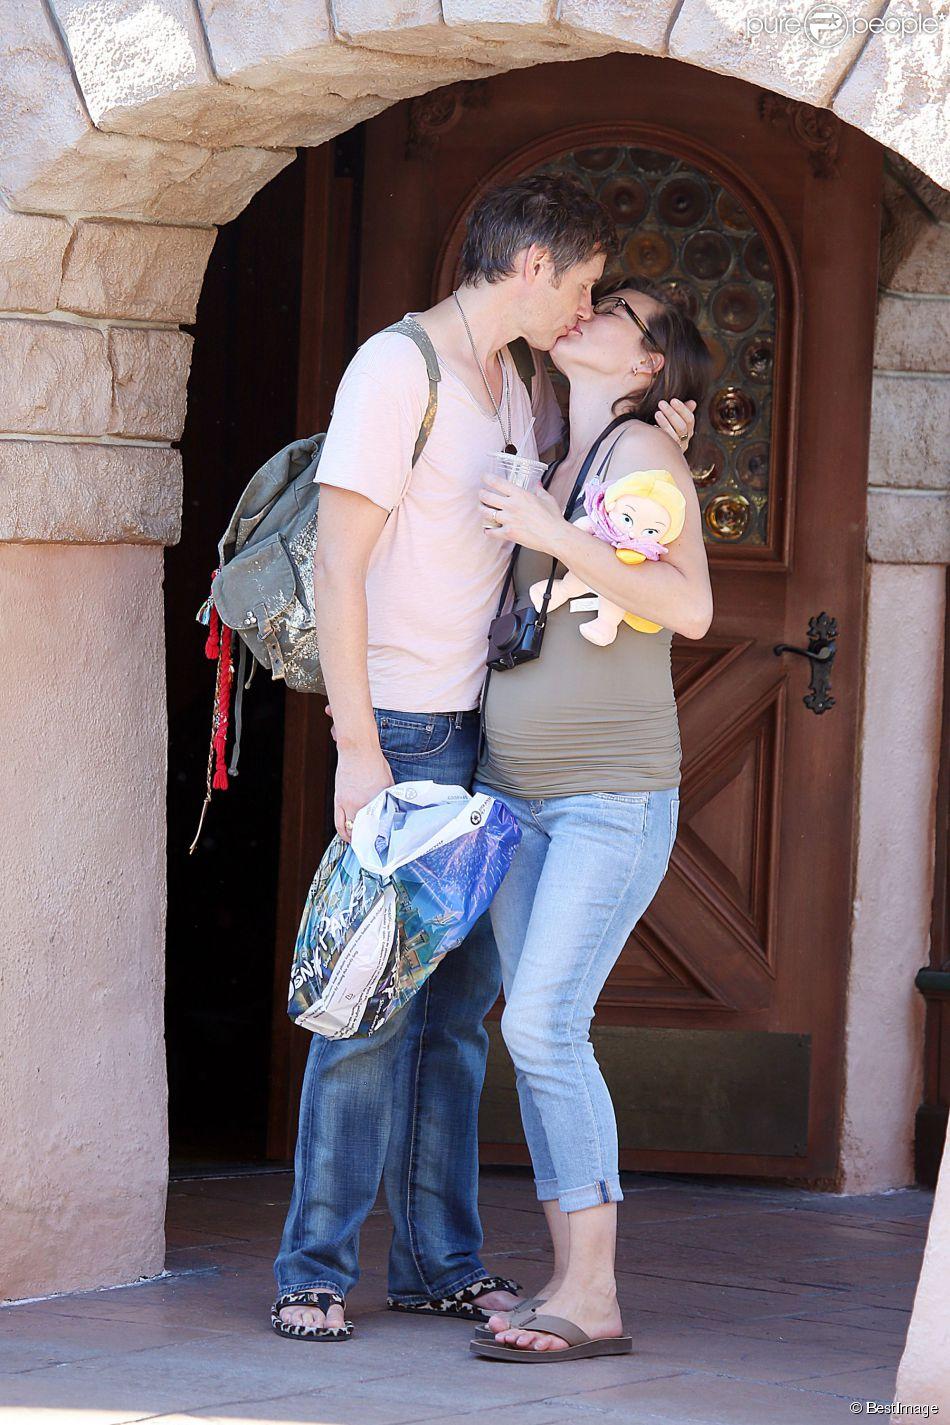 Milla Jovovich enceinte, folle amoureuse de son mari Paul W. S. Anderson lors d'une virée à Disneyland à Anaheim en Californie le 23 octobre 2014.